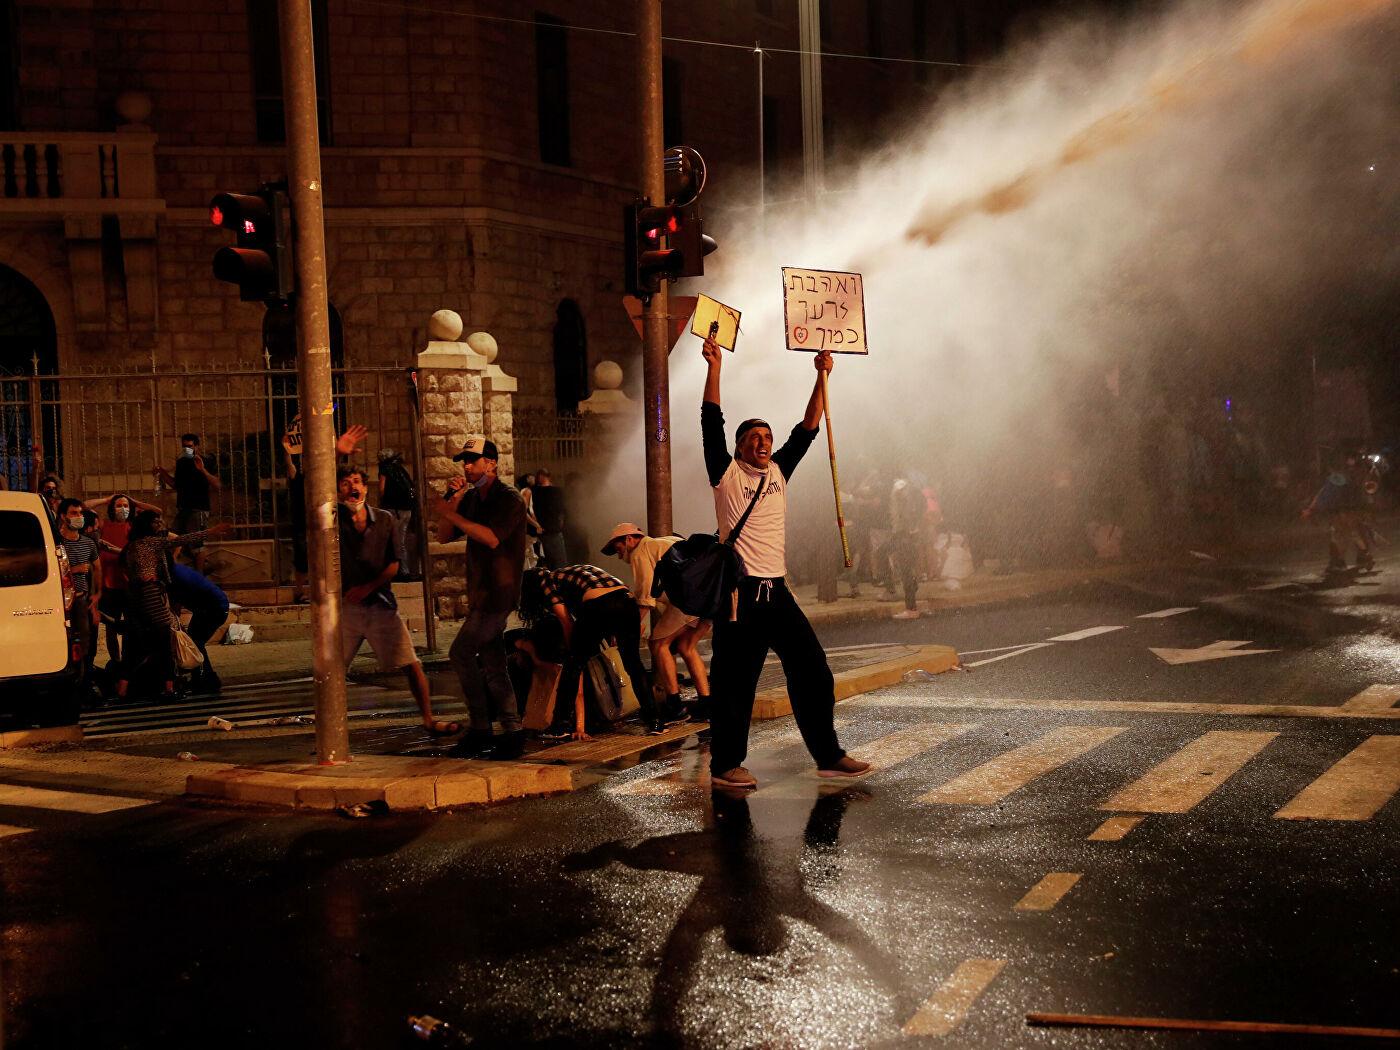 В Тель-Авиве полиция задержала 38 человек в ходе акции протеста